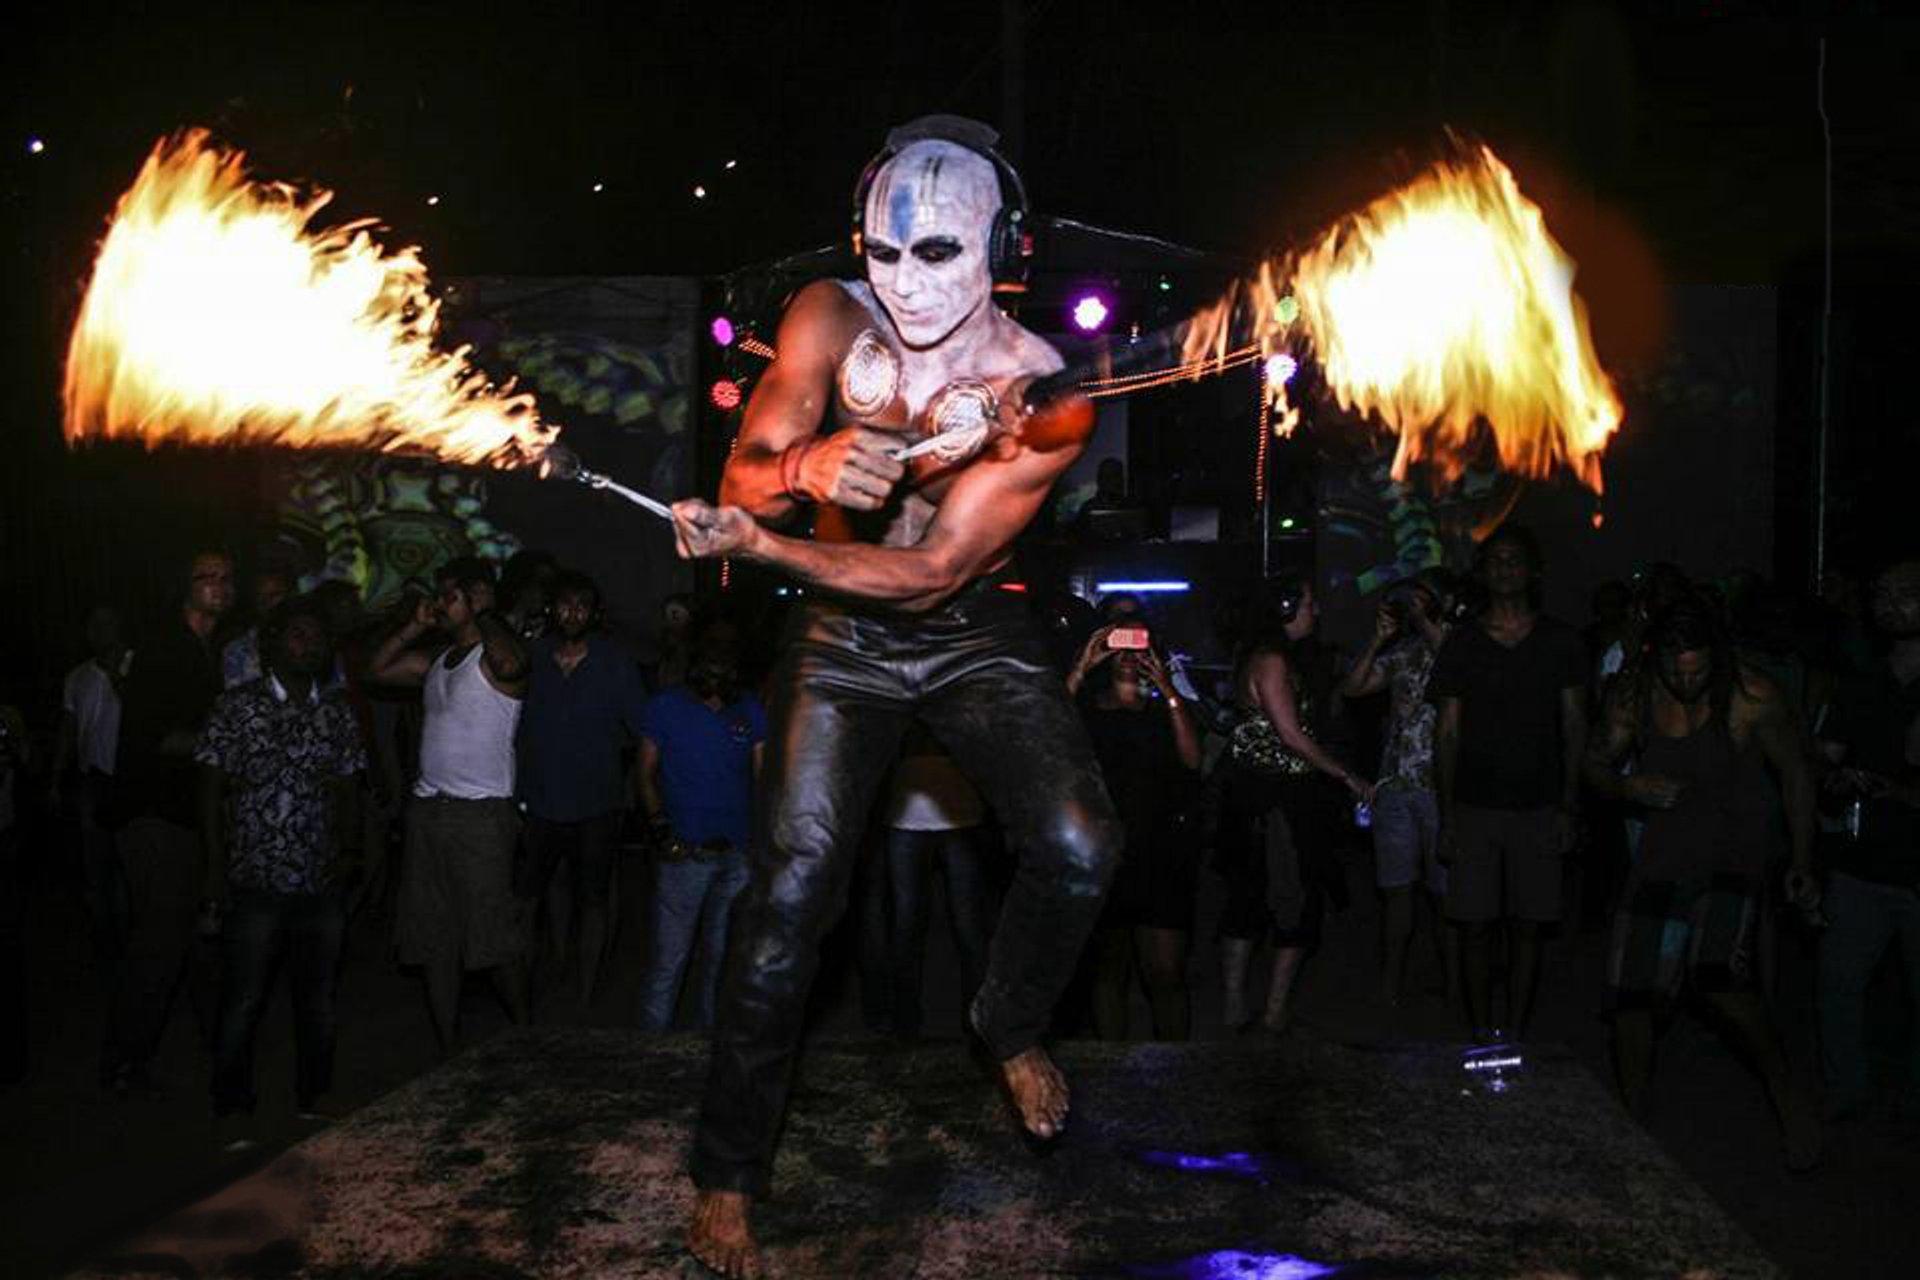 Silent Noise Party in Goa - Best Season